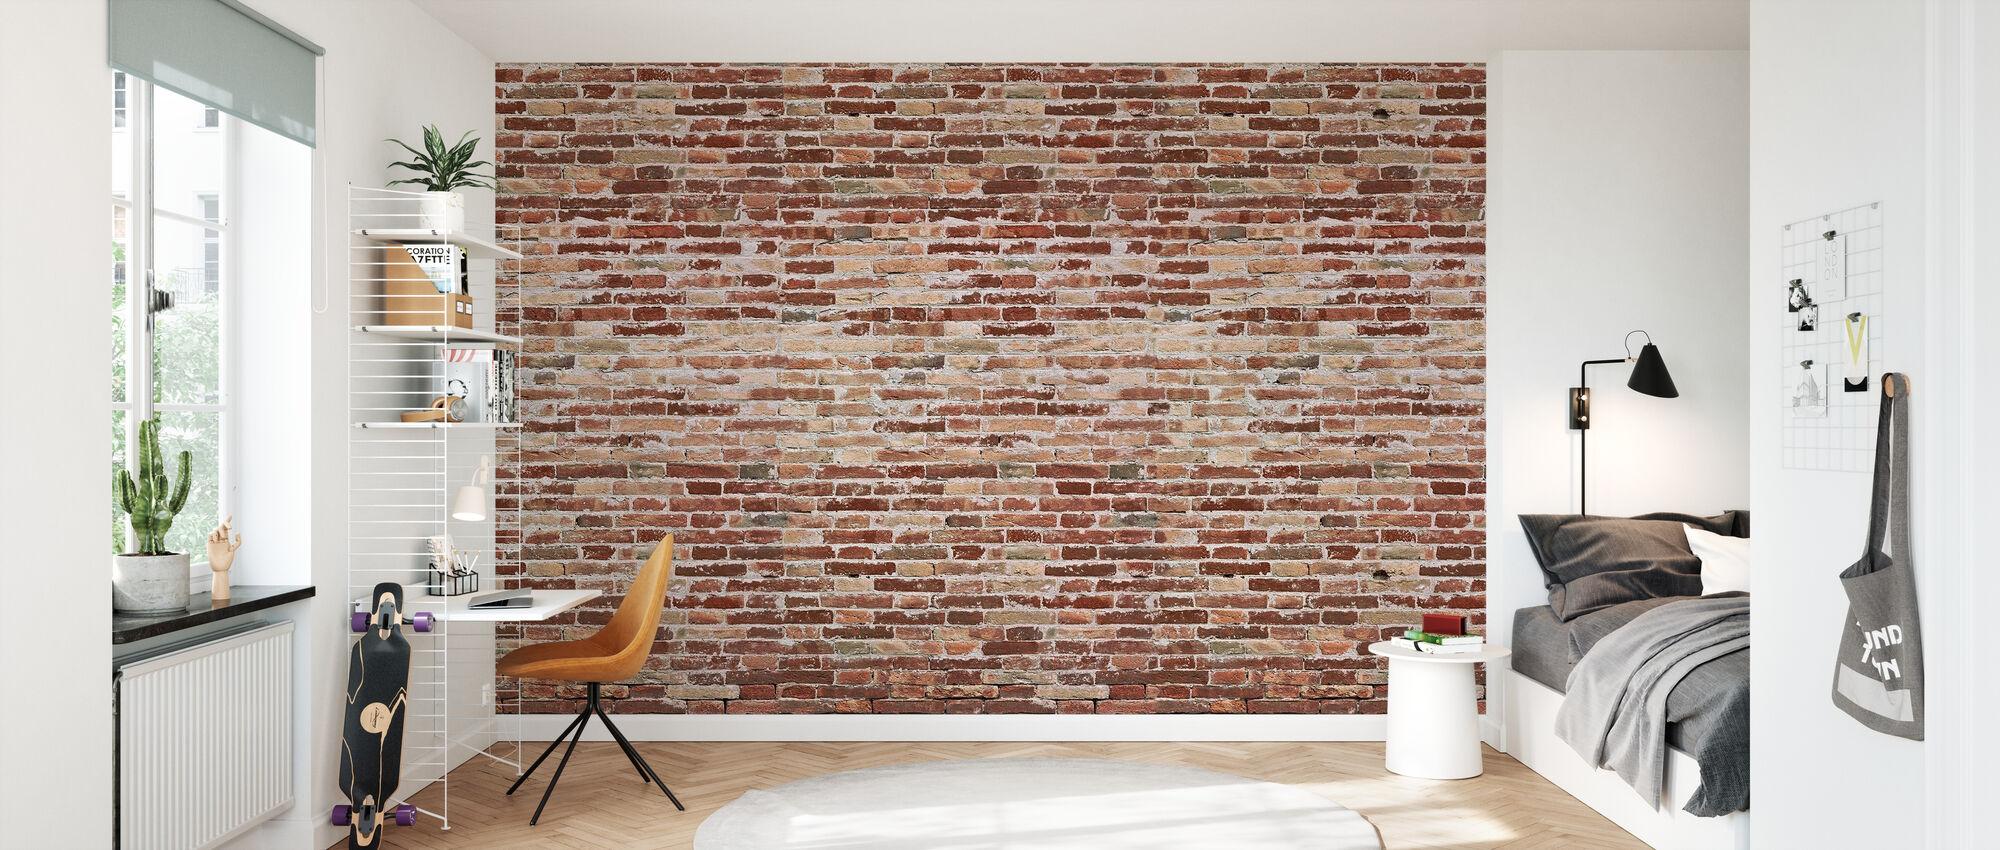 Old Ruff Brickwall - Wallpaper - Kids Room